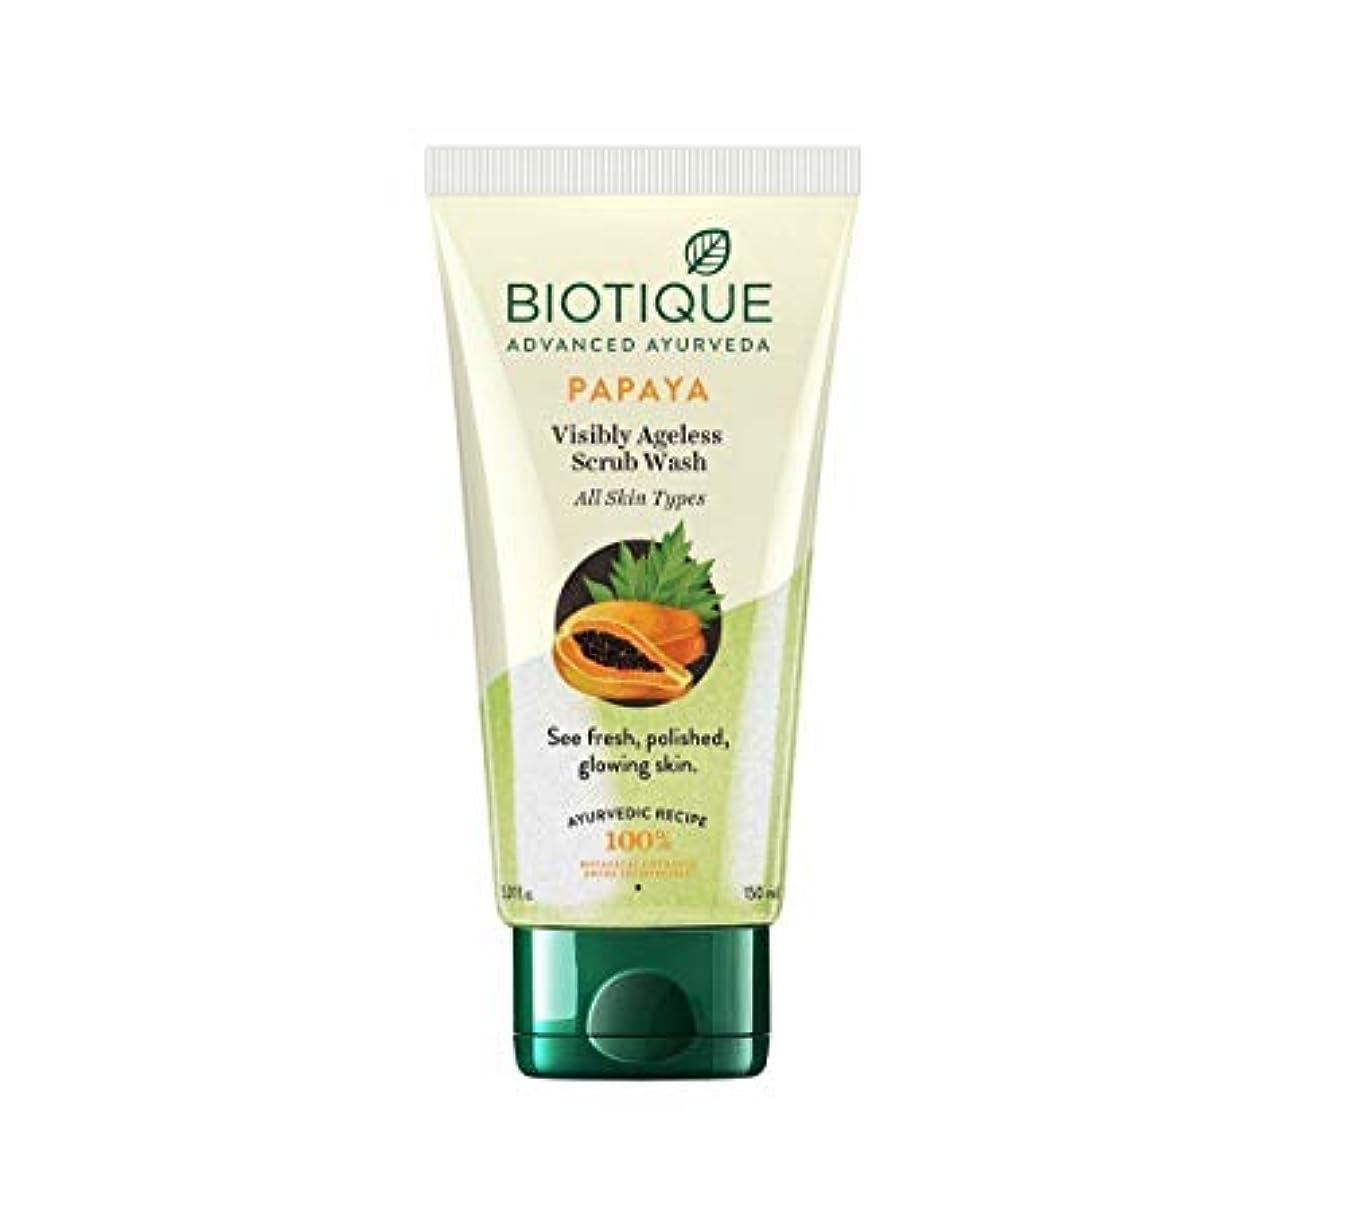 束ねる使い込む磁石Biotique Bio Papaya Exfoliating Face Wash For All Skin Types, 150ml Glowing Skin すべての肌タイプ、白熱肌のためのBiotiqueバイオパパイヤ...